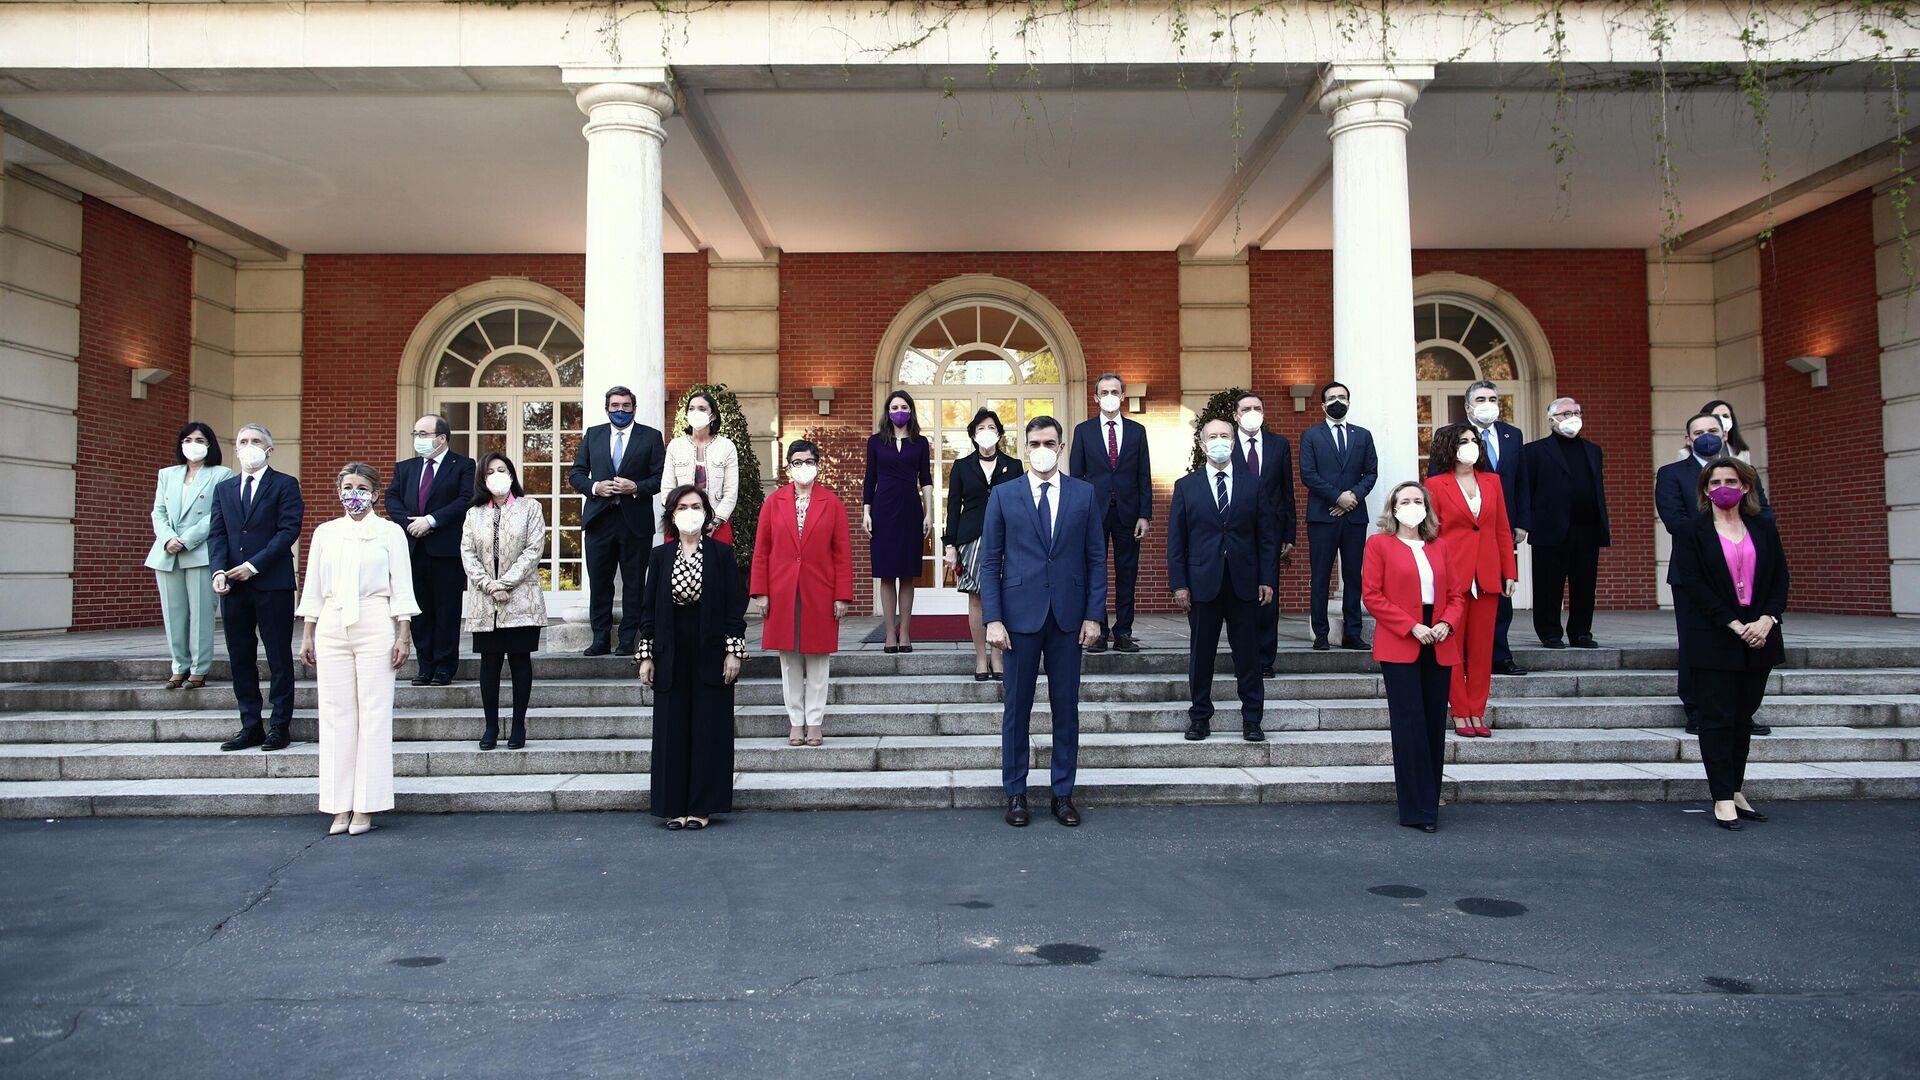 El presidente Pedro Sánchez y su nuevo gabinete ministerial. Madrid, 6 de abril de 2021 - Sputnik Mundo, 1920, 04.06.2021